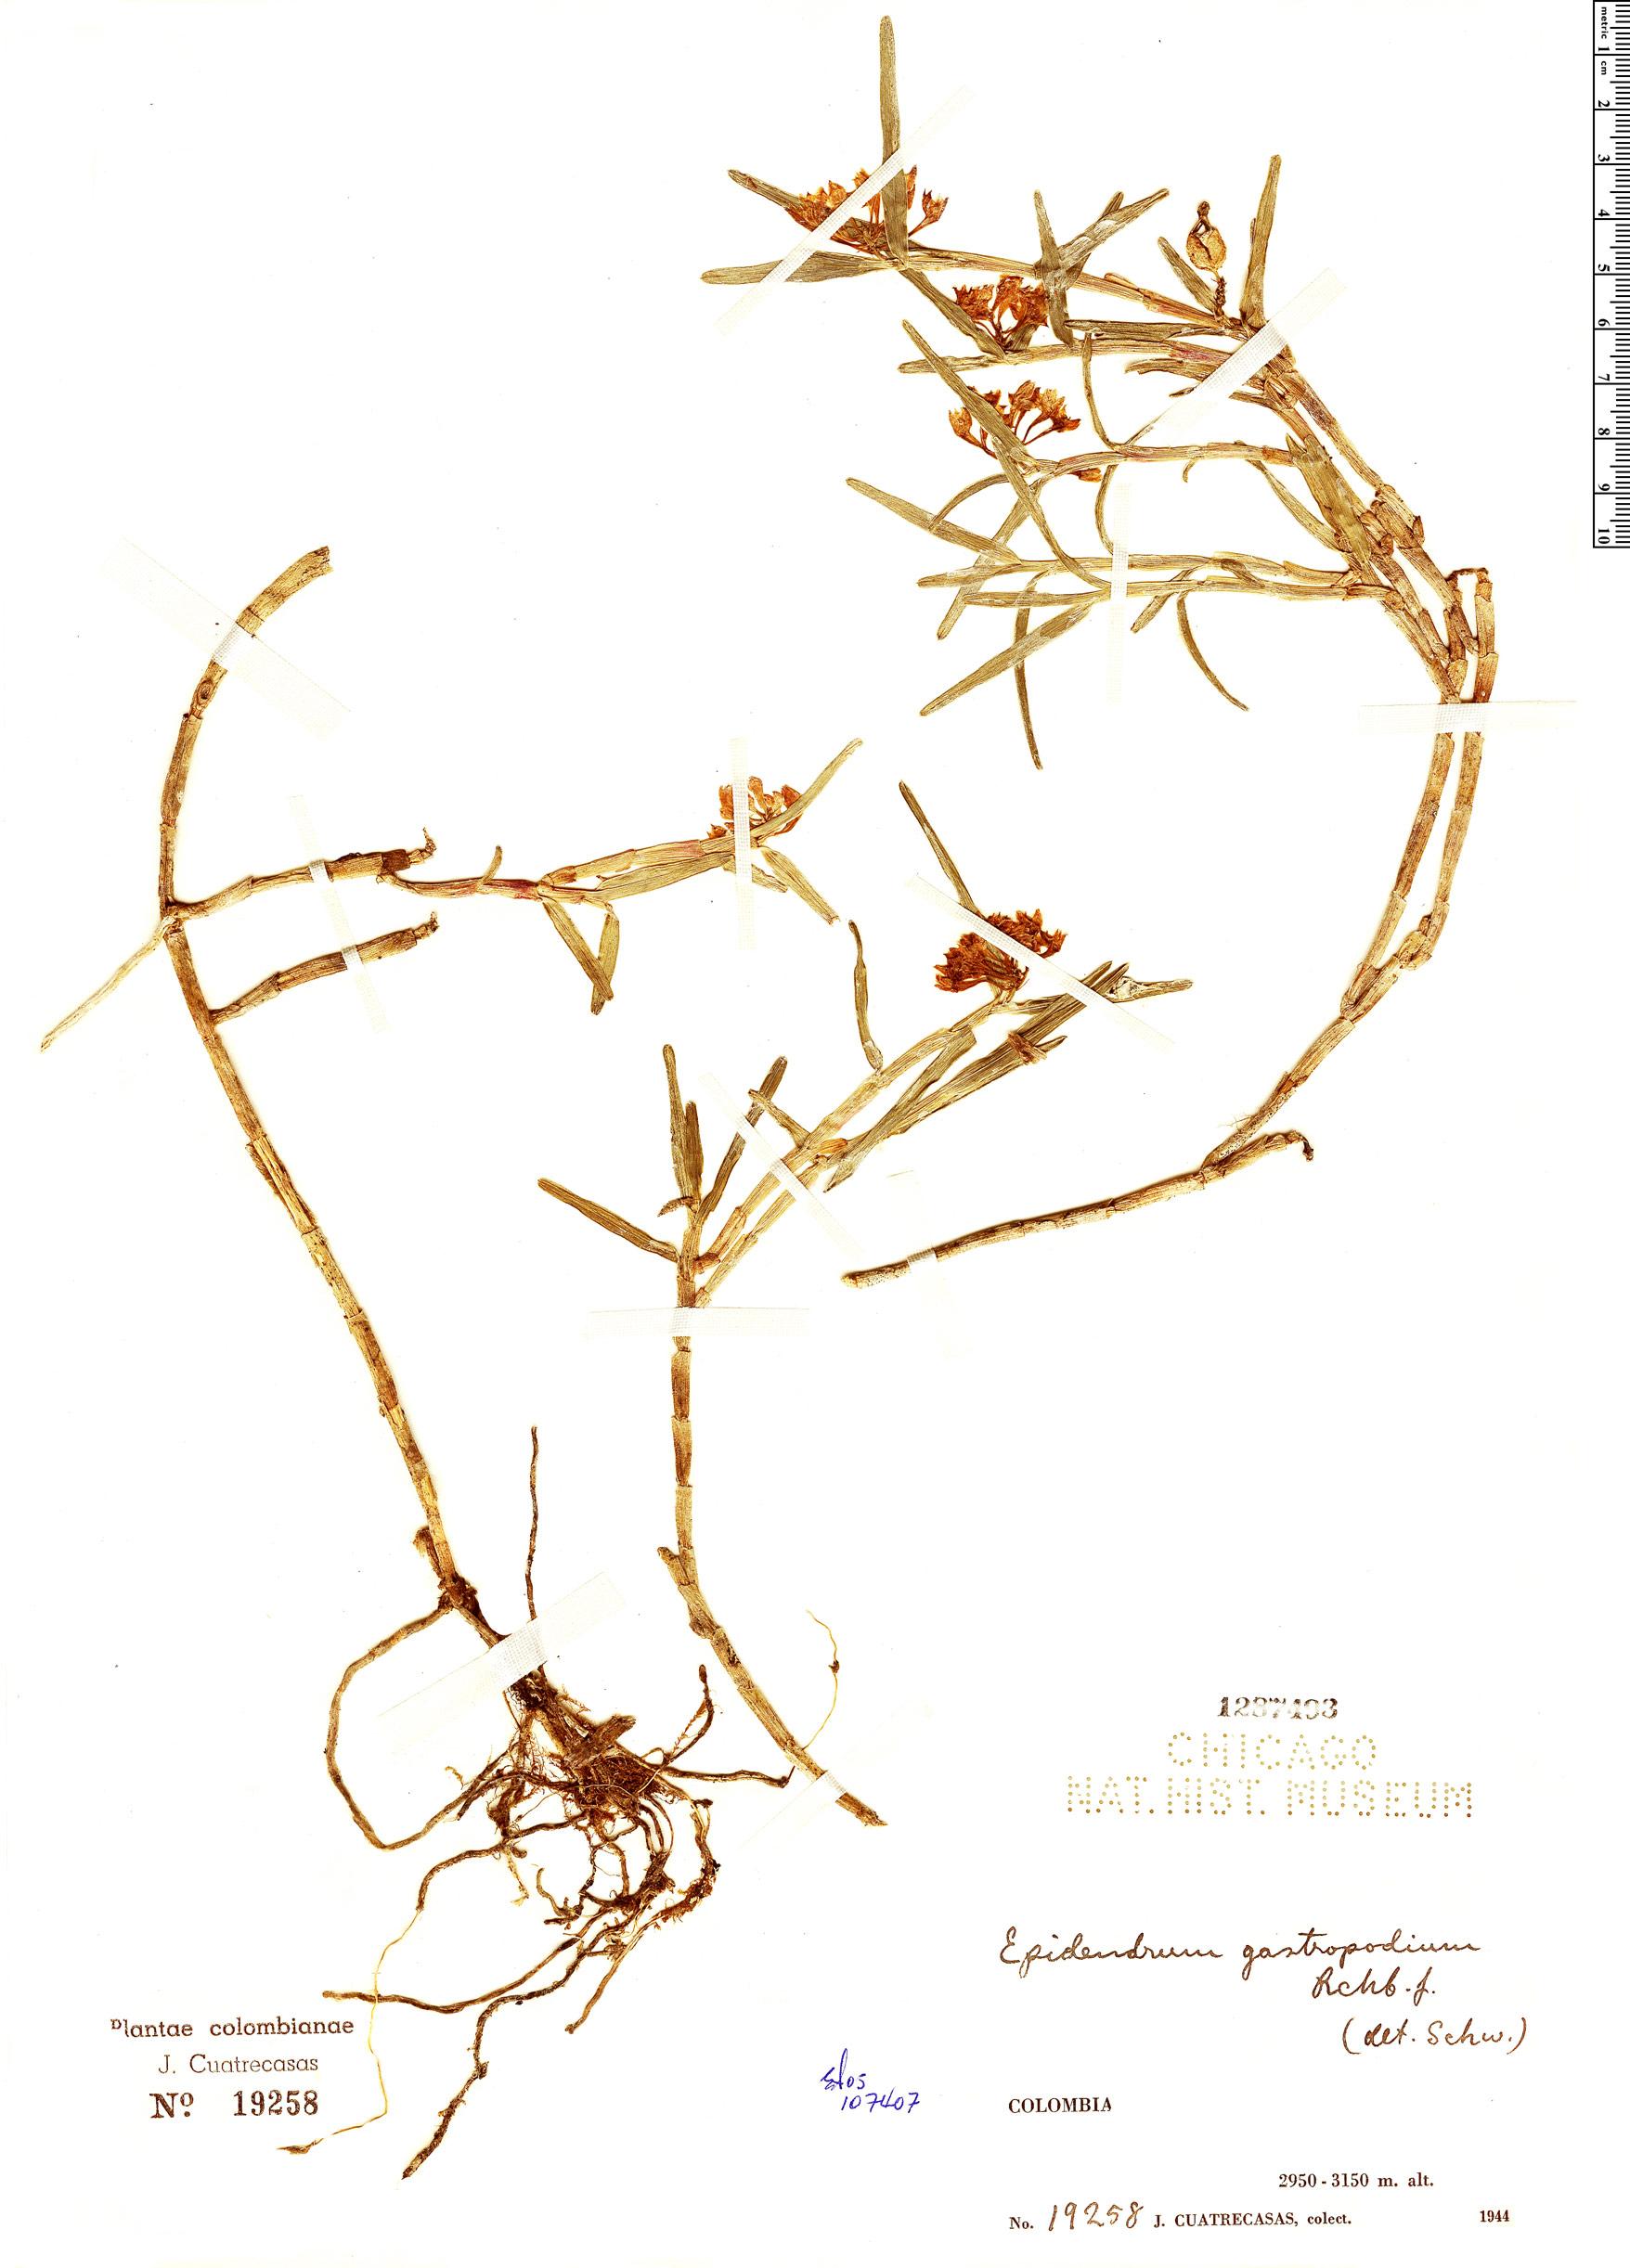 Specimen: Epidendrum gastropodium